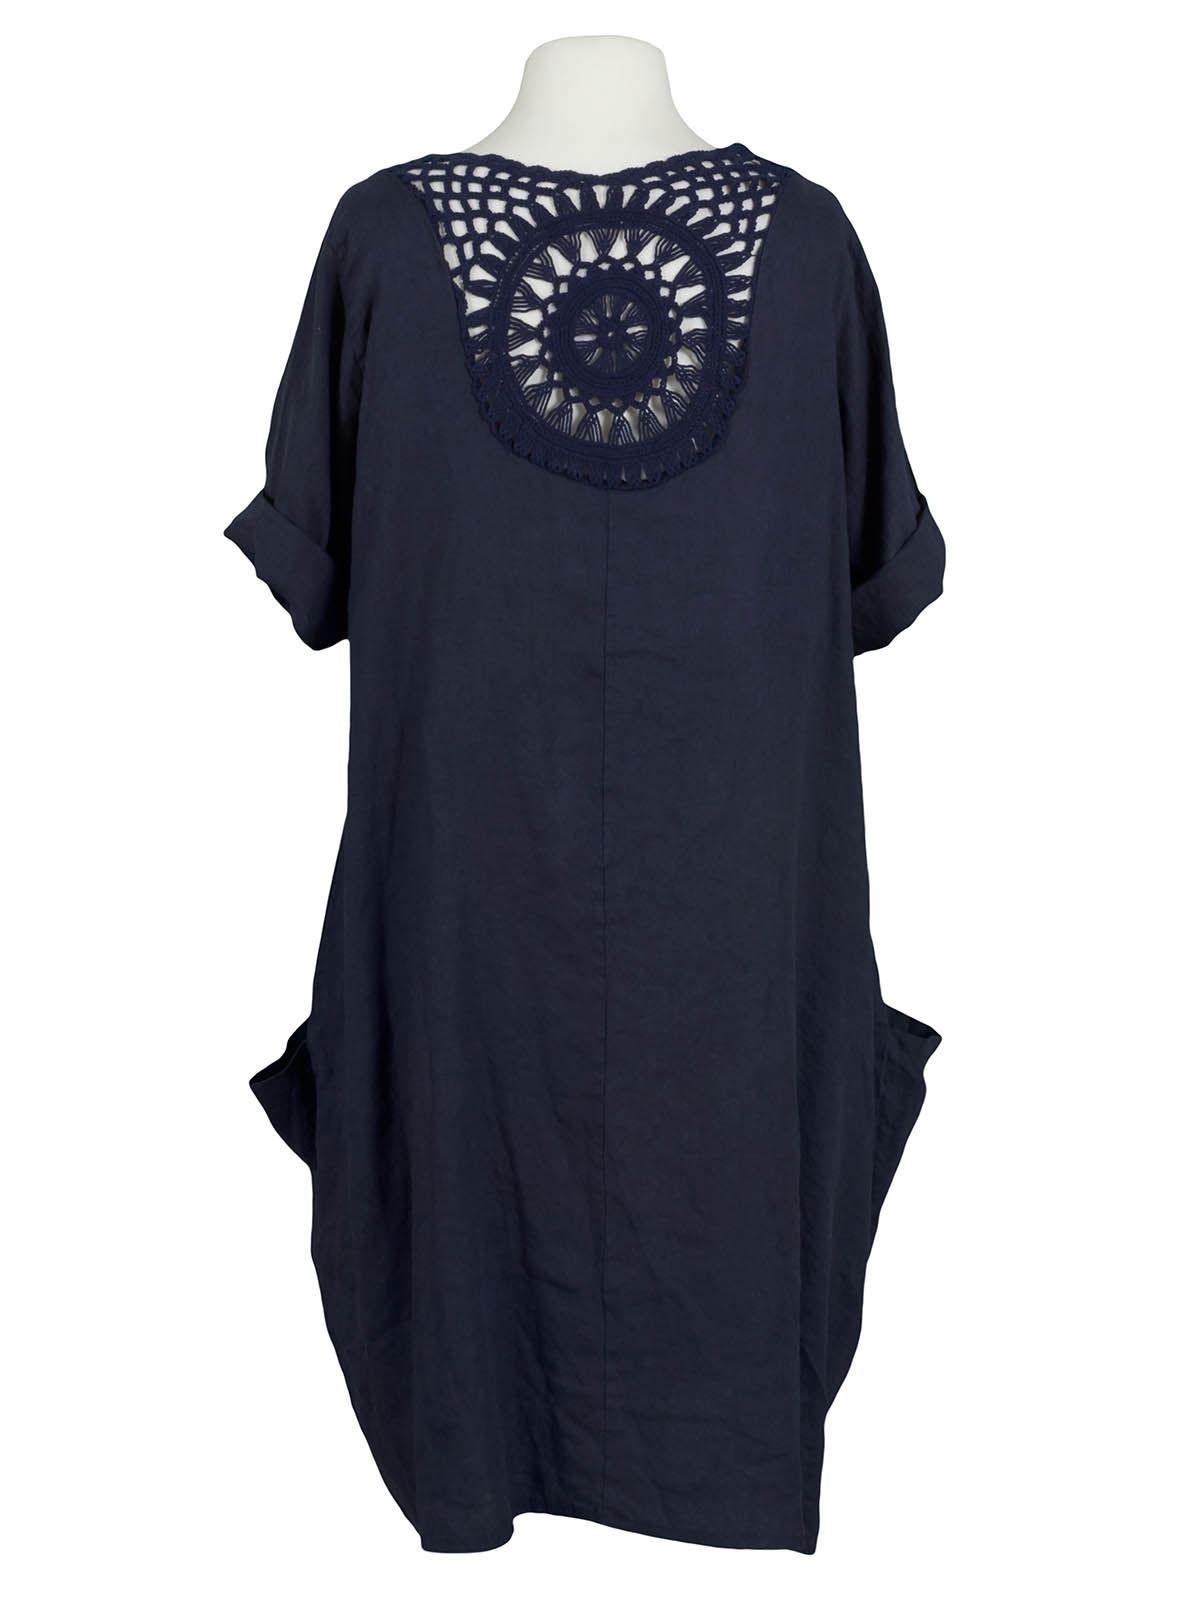 15 Schön Kleid Mit Spitze Blau Ärmel17 Schön Kleid Mit Spitze Blau Vertrieb